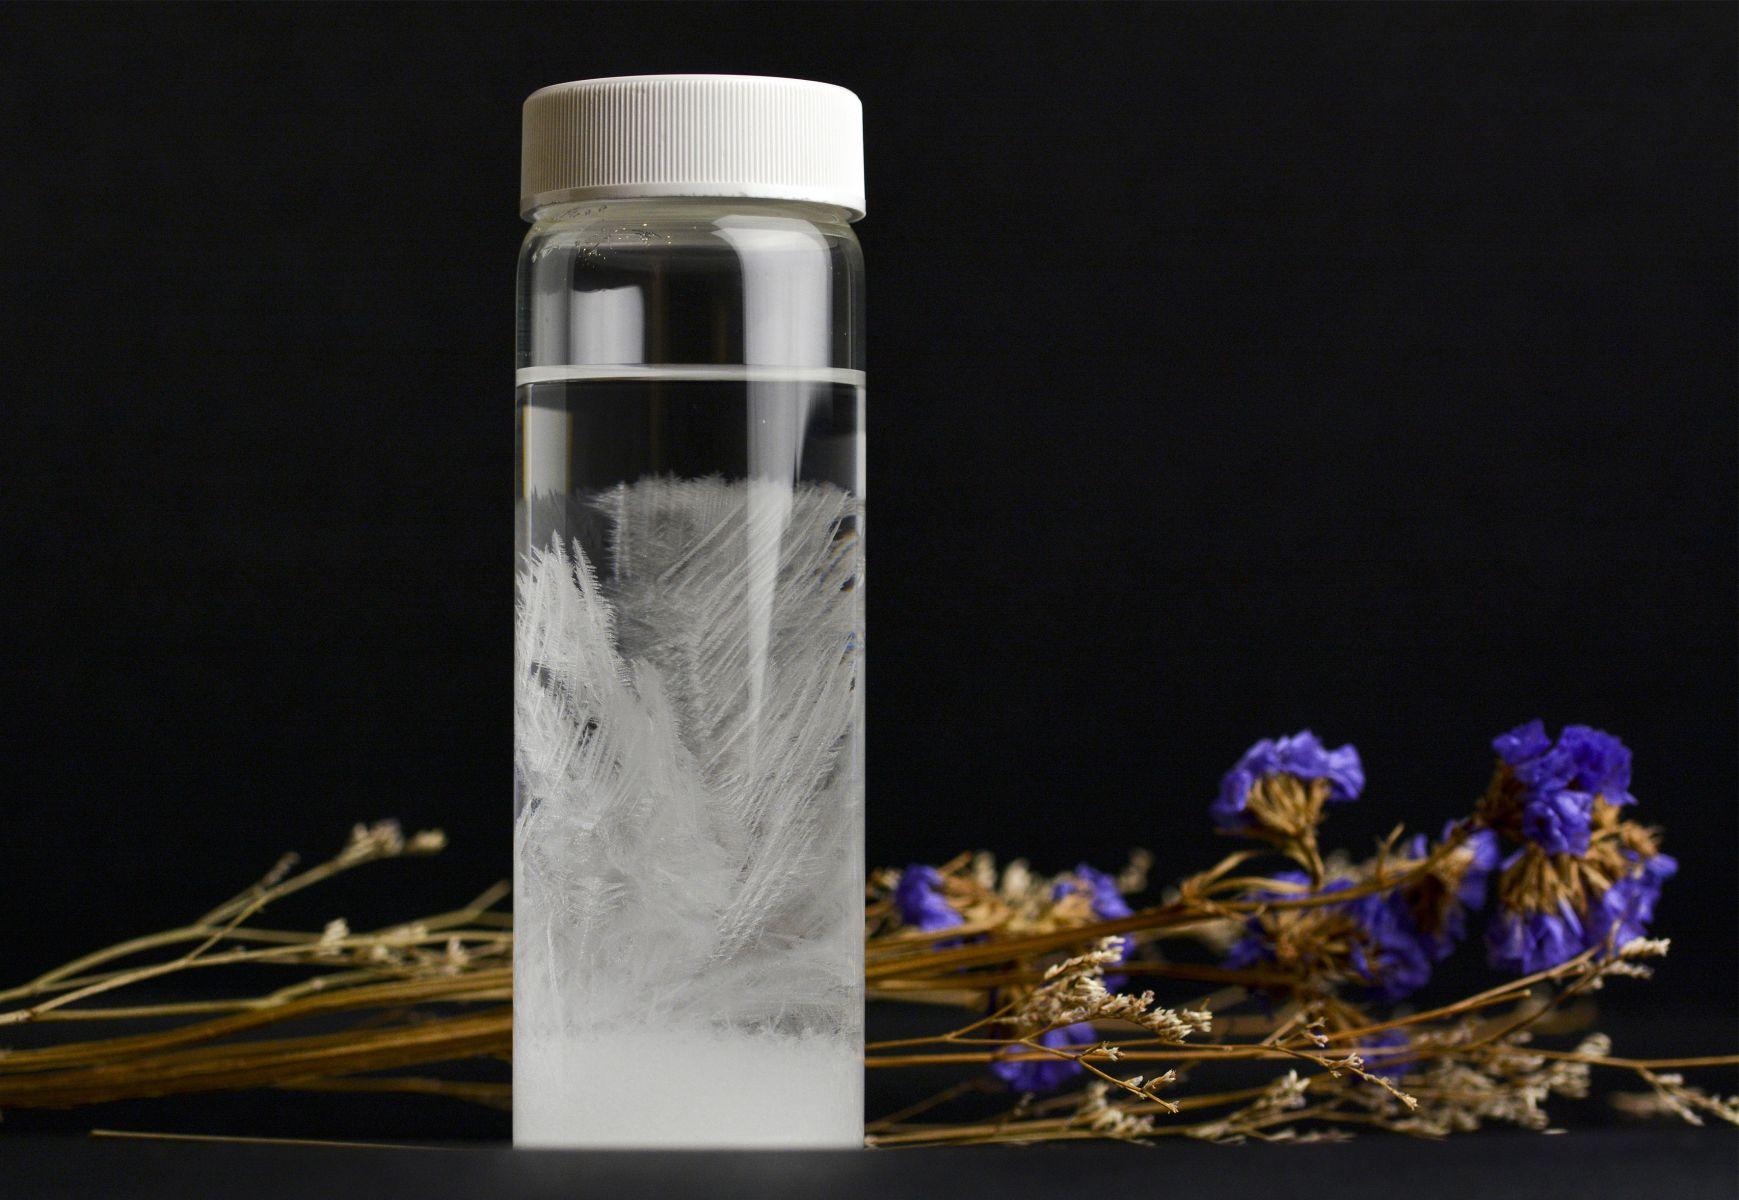 天氣瓶內的結晶體會隨著溫度產生變化,因此在18、19世紀時的歐洲,被作為天氣預報工具;而在科技進步的今天,天氣瓶因為其千變萬化的特性,反成供人欣賞用的家中擺飾。